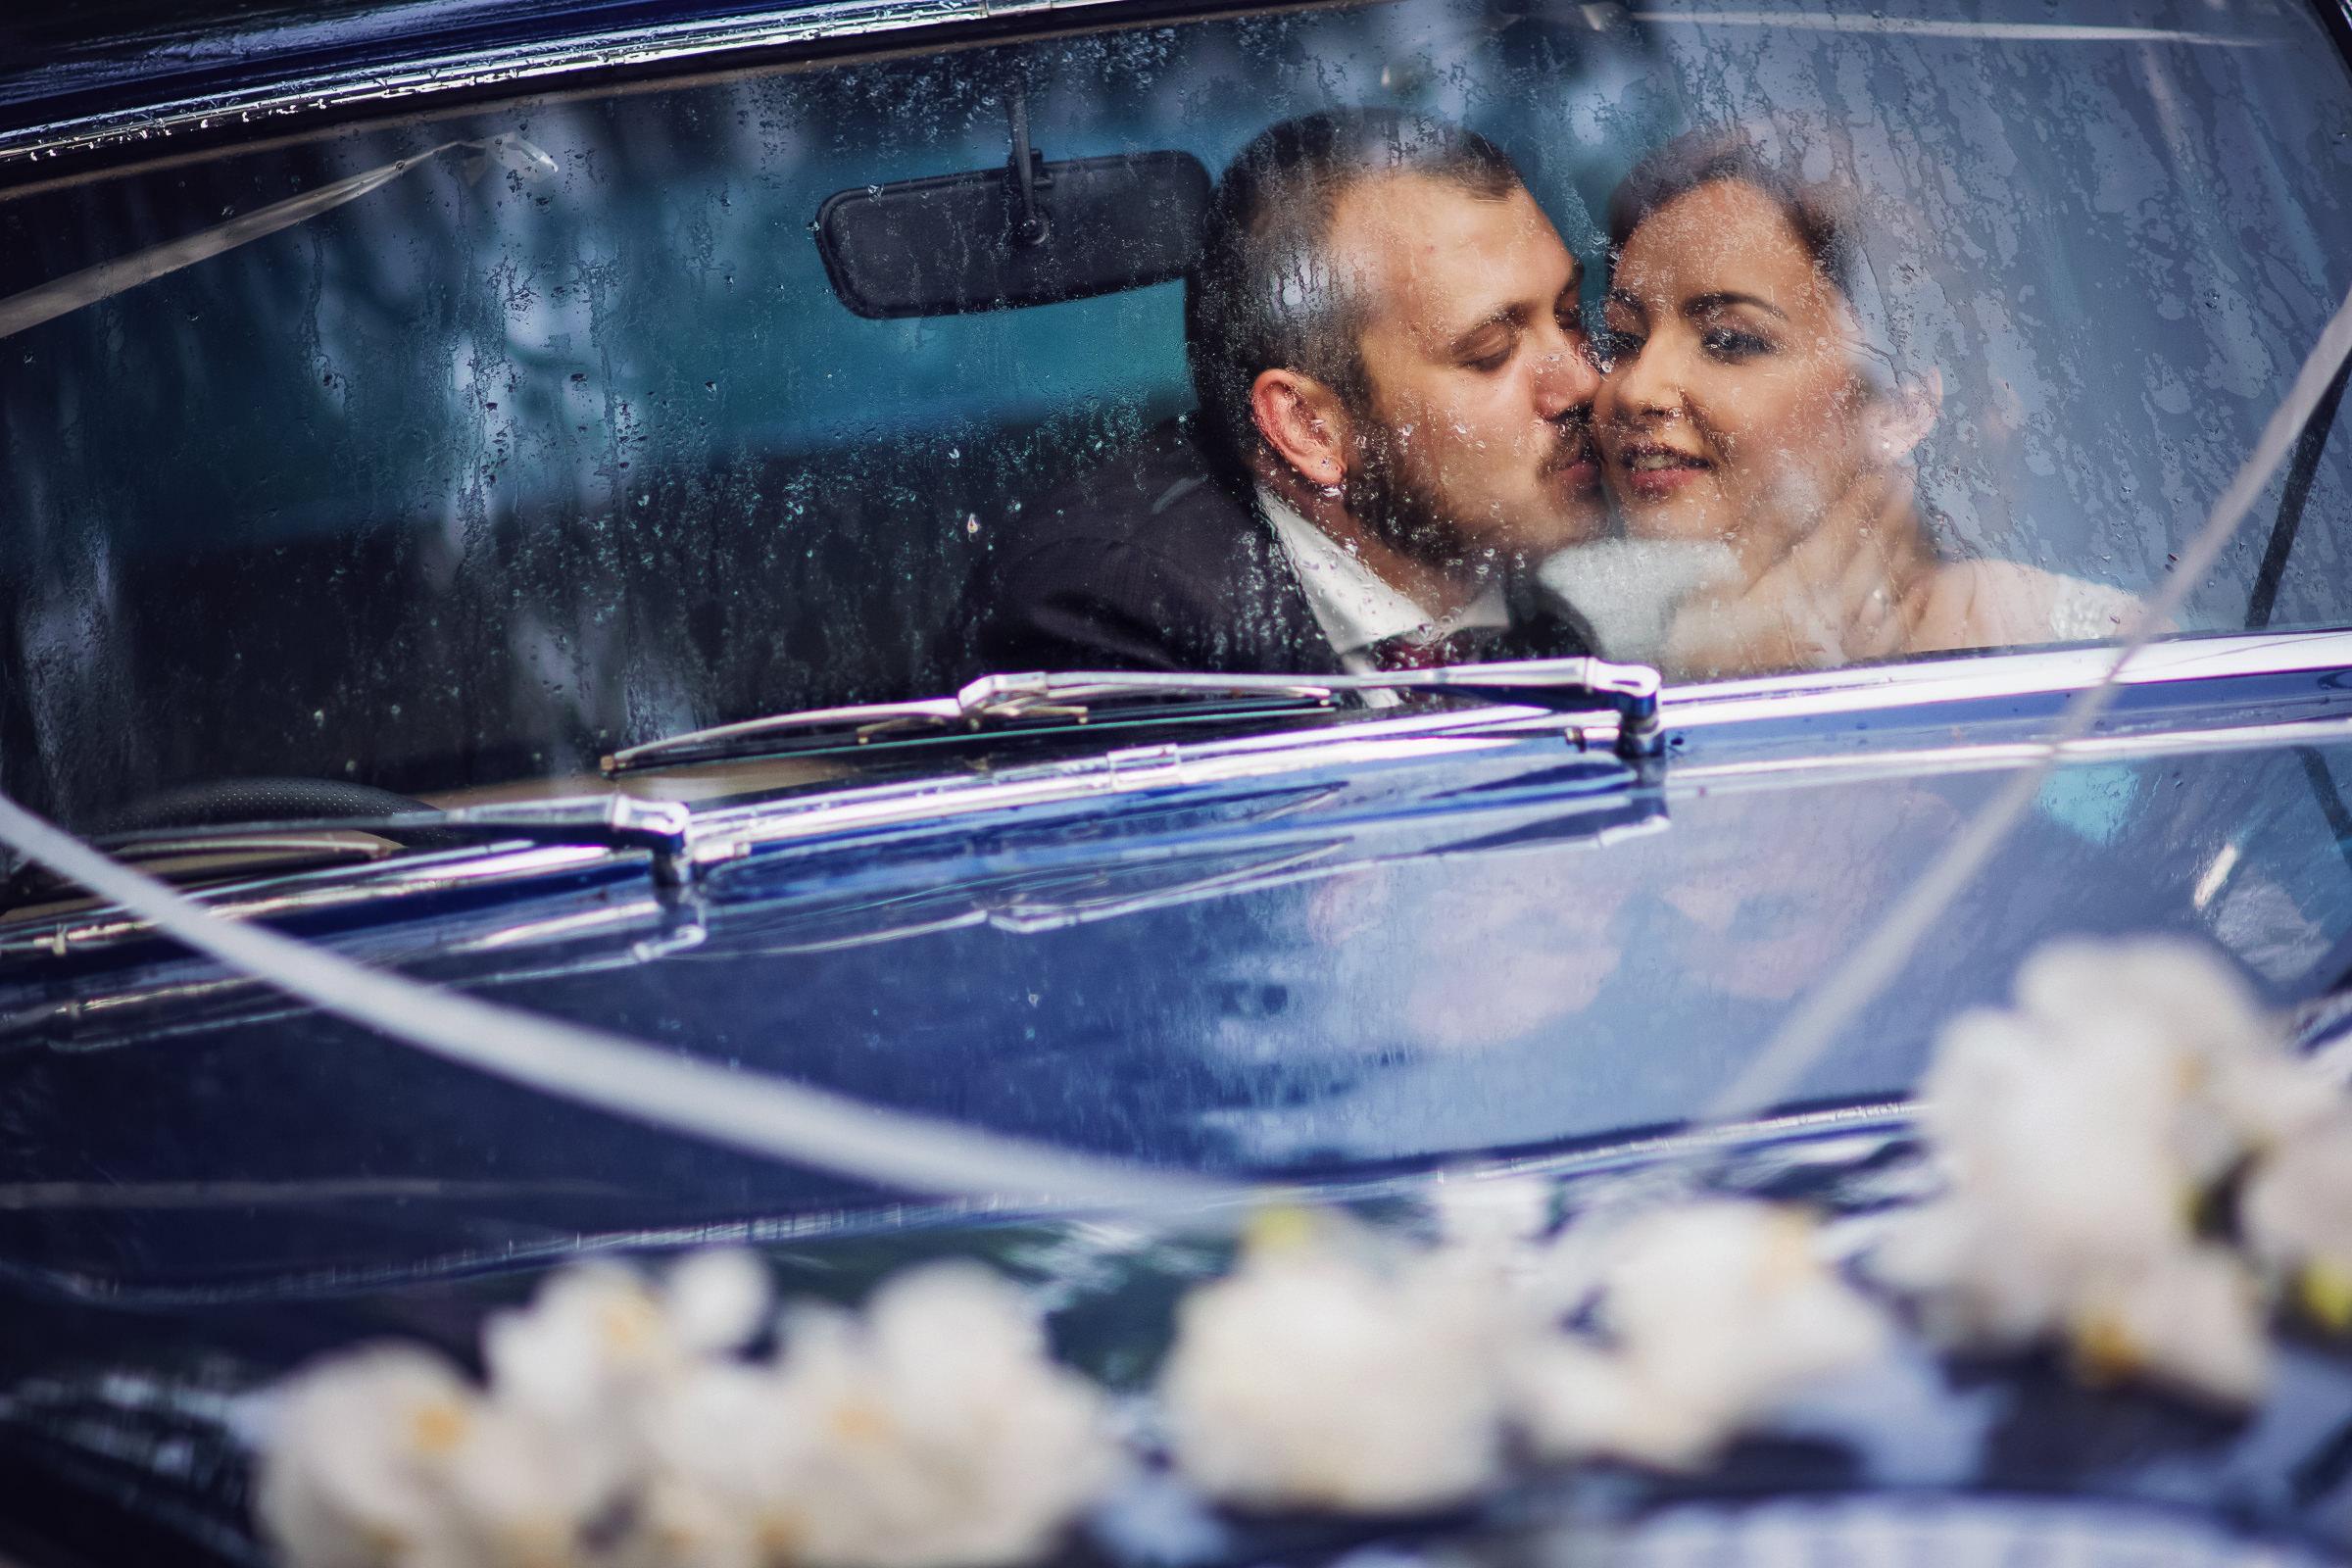 kiss-in-rain-streaked-car-deliysky-studio